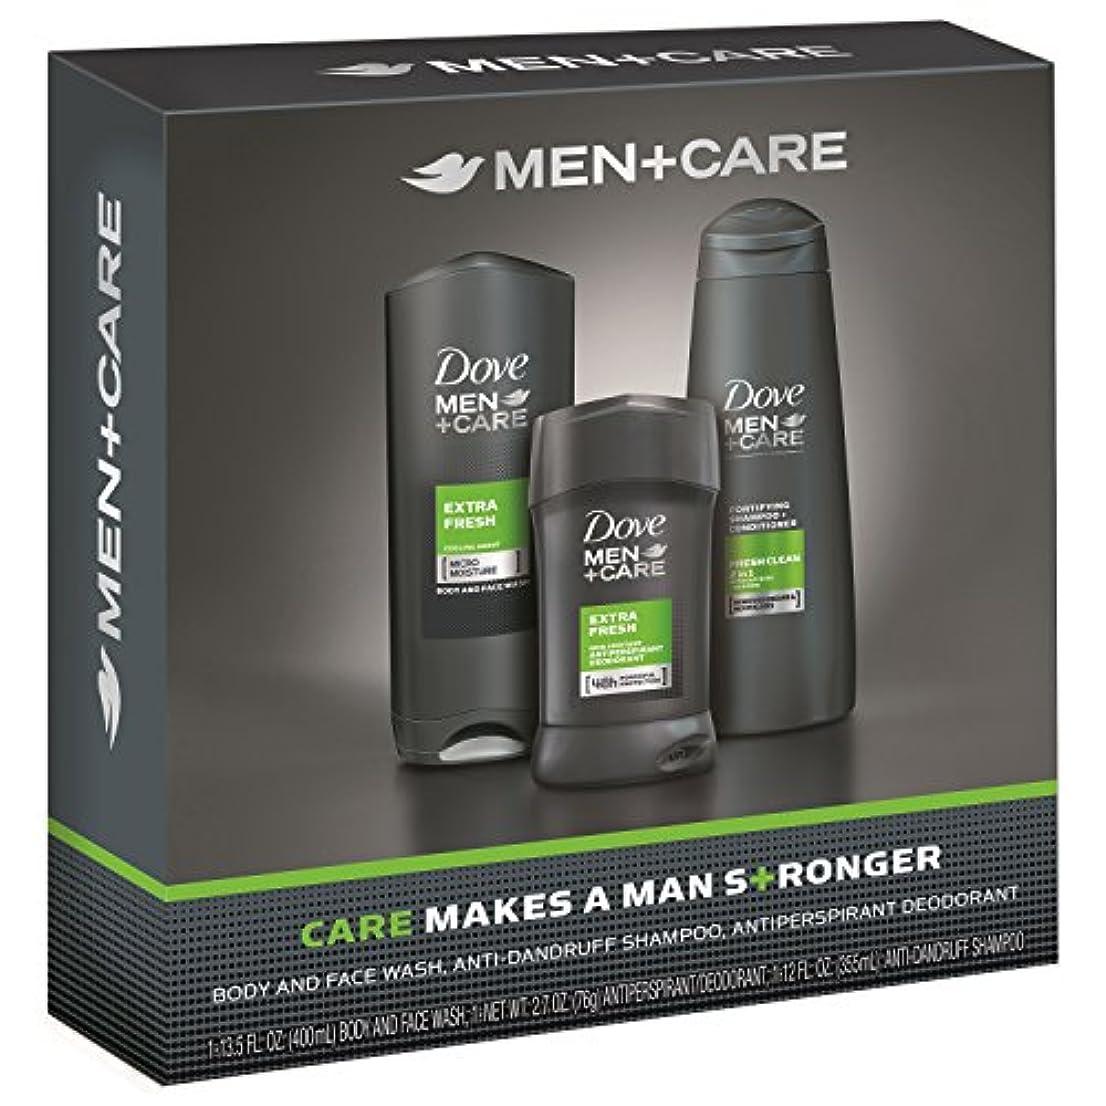 純粋に王室タバコDove Men+Care Gift Pack Extra Fresh ダブ メンプラスケア ギフトパック エクストラフレッシュ